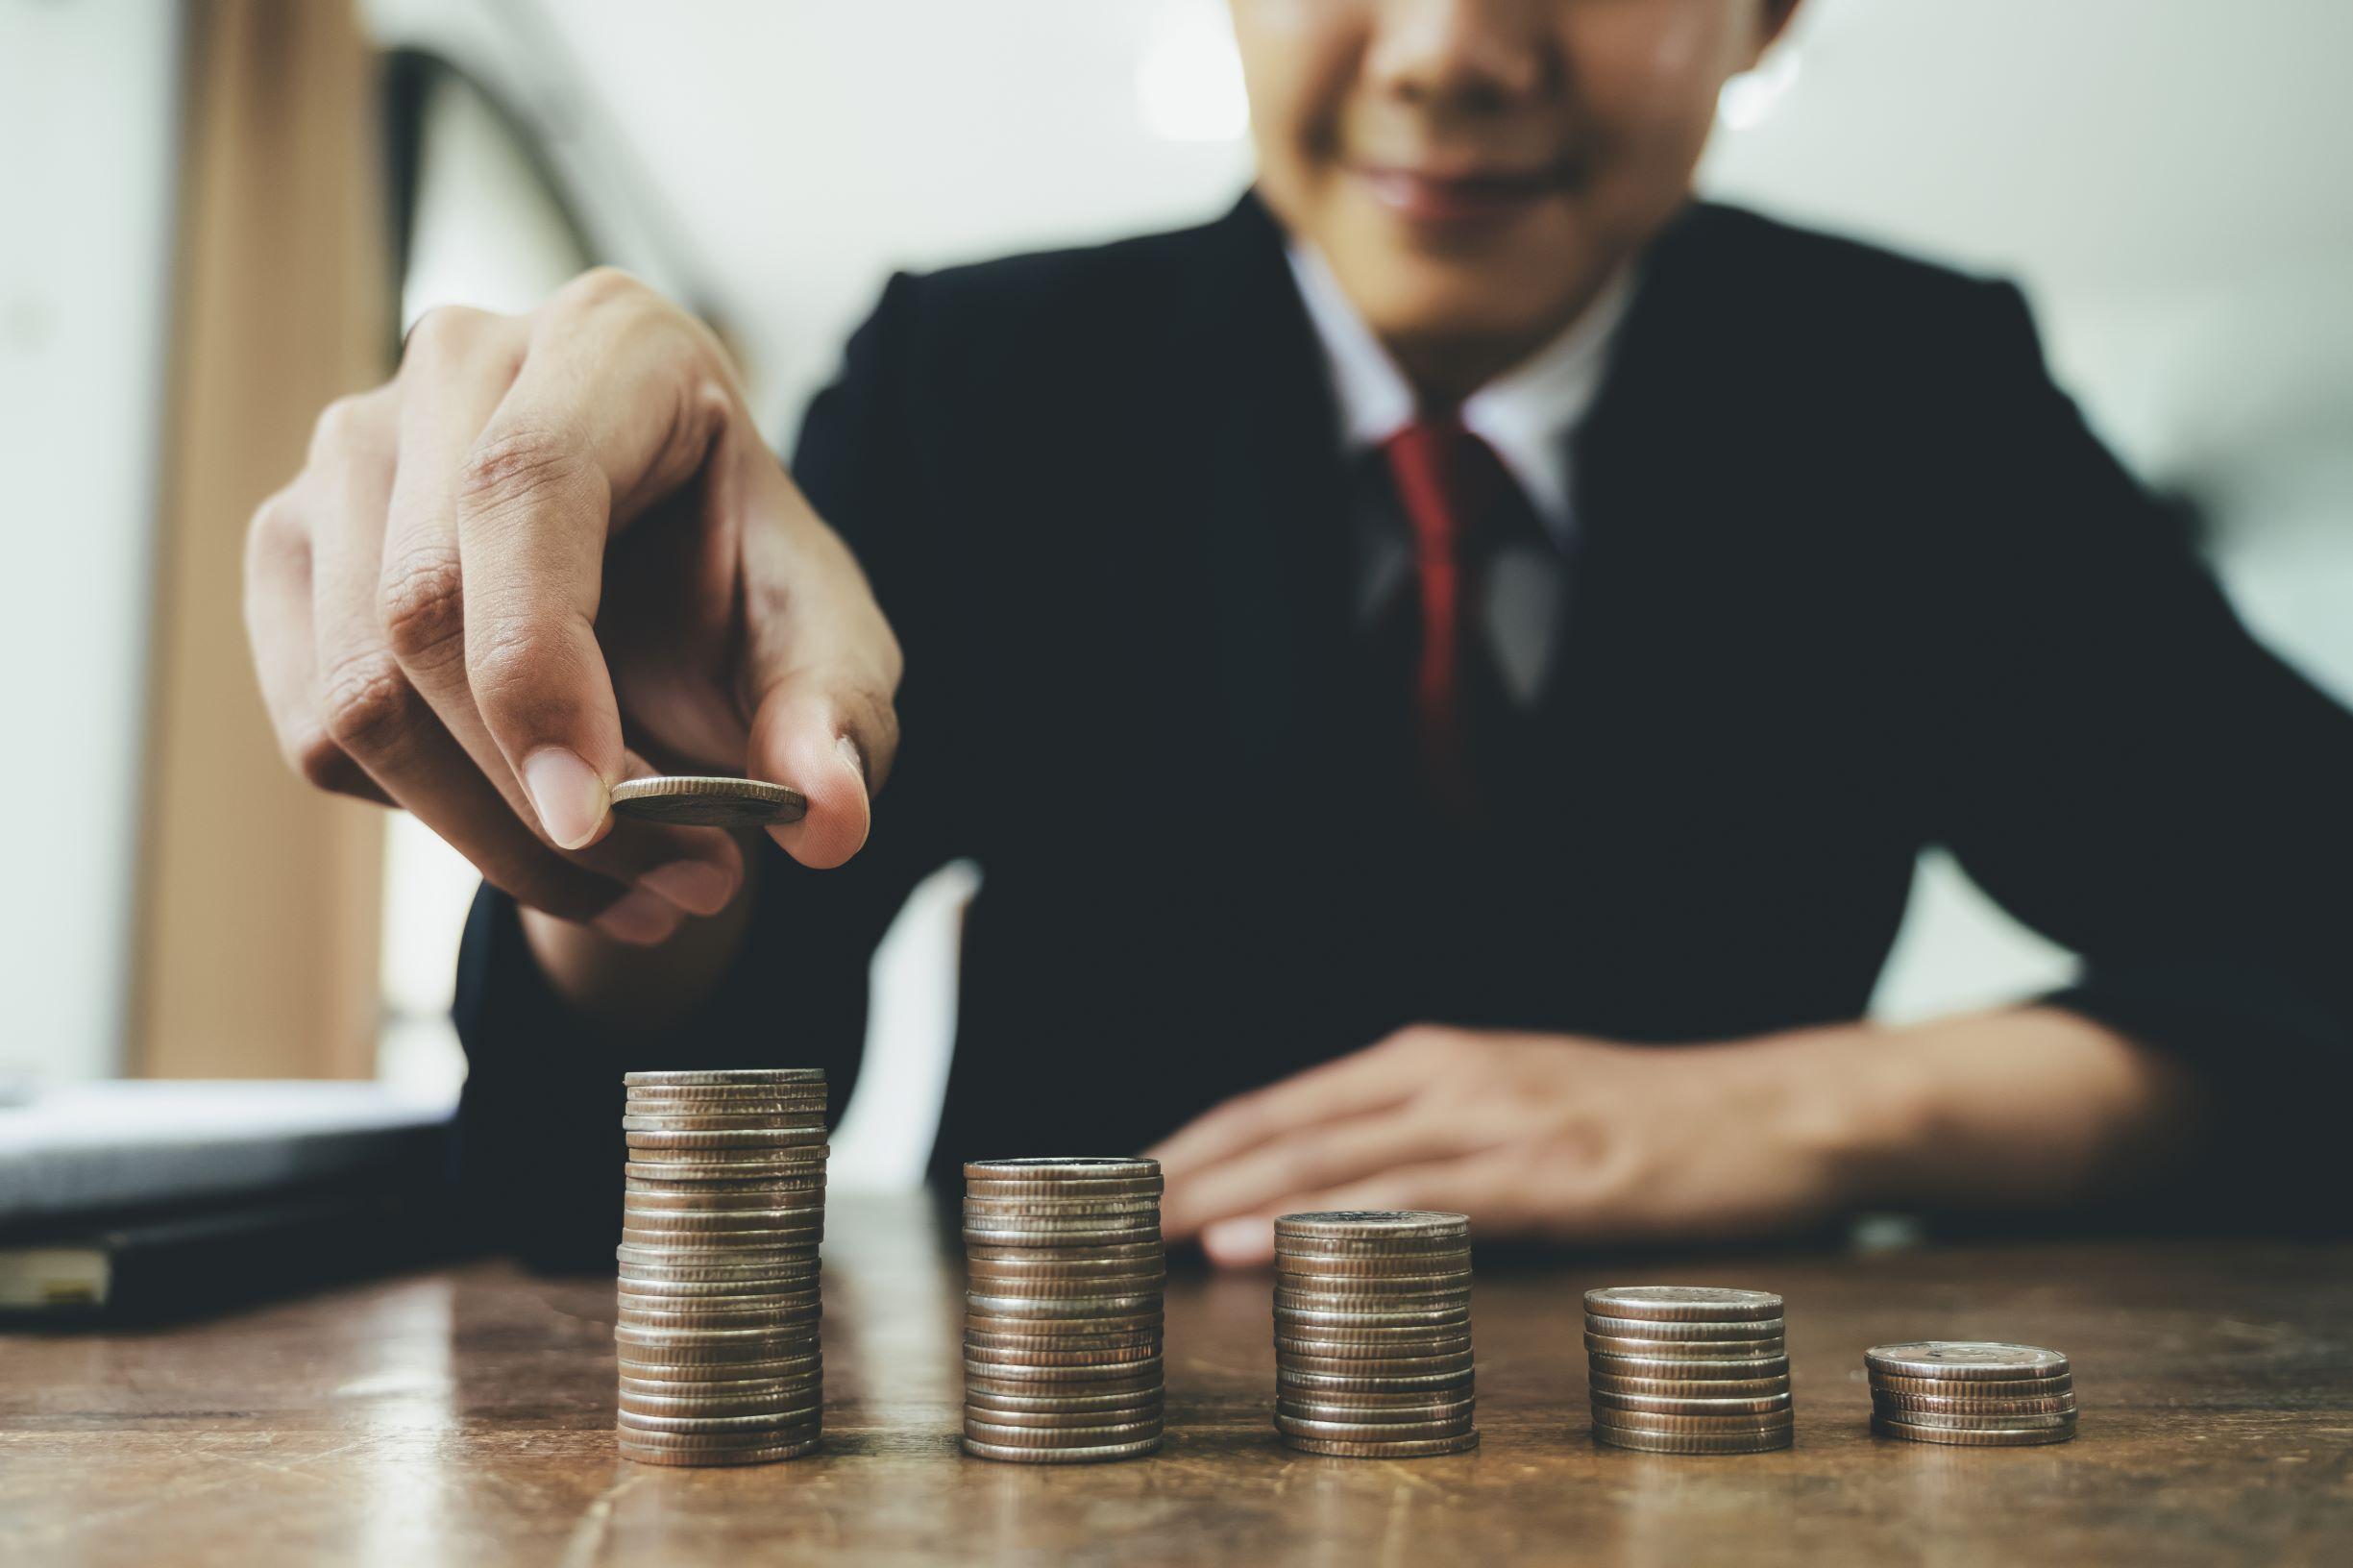 Meine 3 favorisierten Dividenden-Aktien mit wachsenden Dividenden!